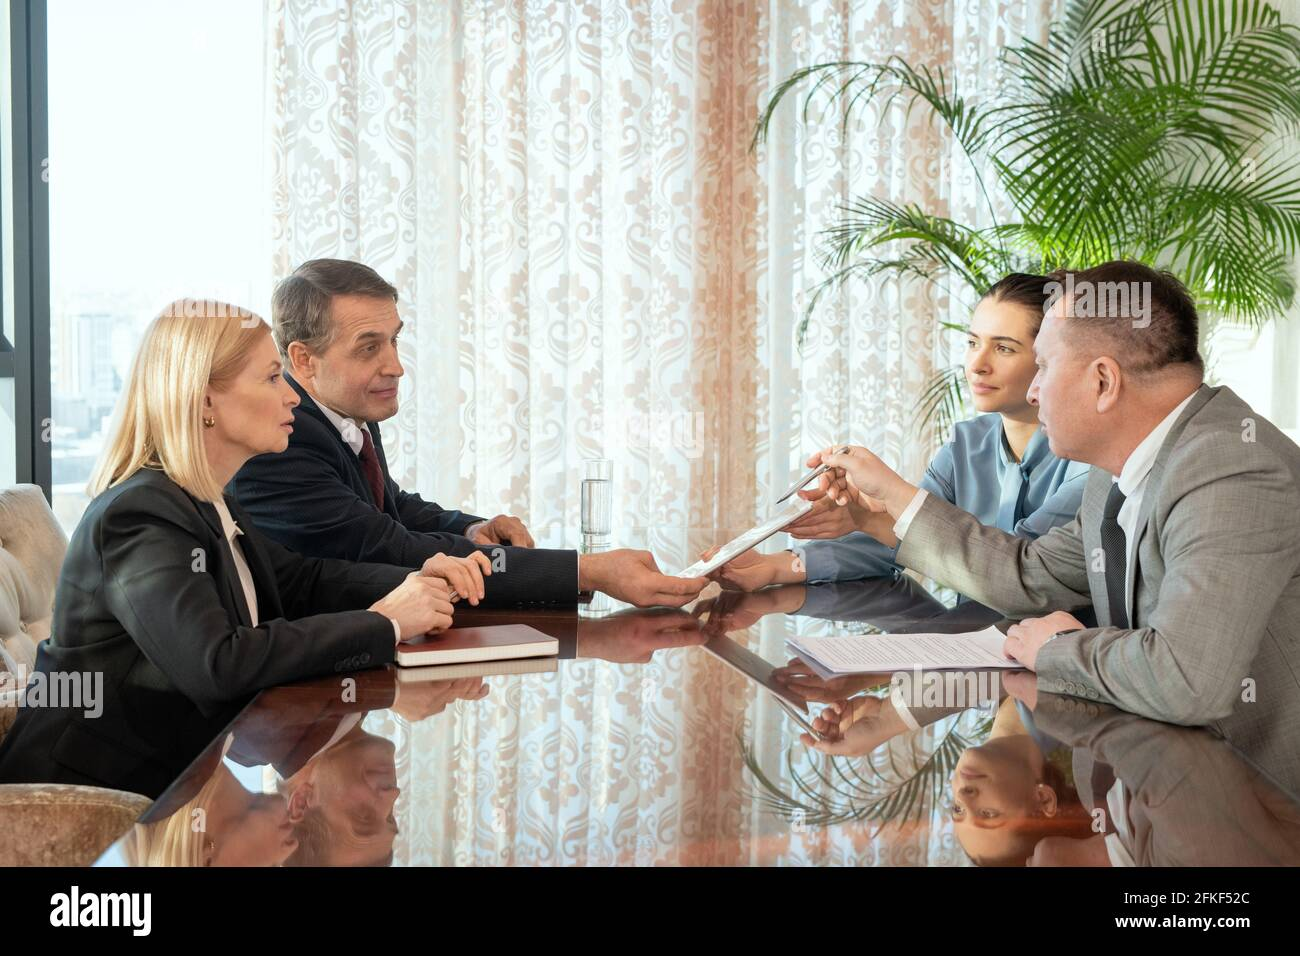 Un groupe de personnes assis autour d'une table et ayant discussion Banque D'Images